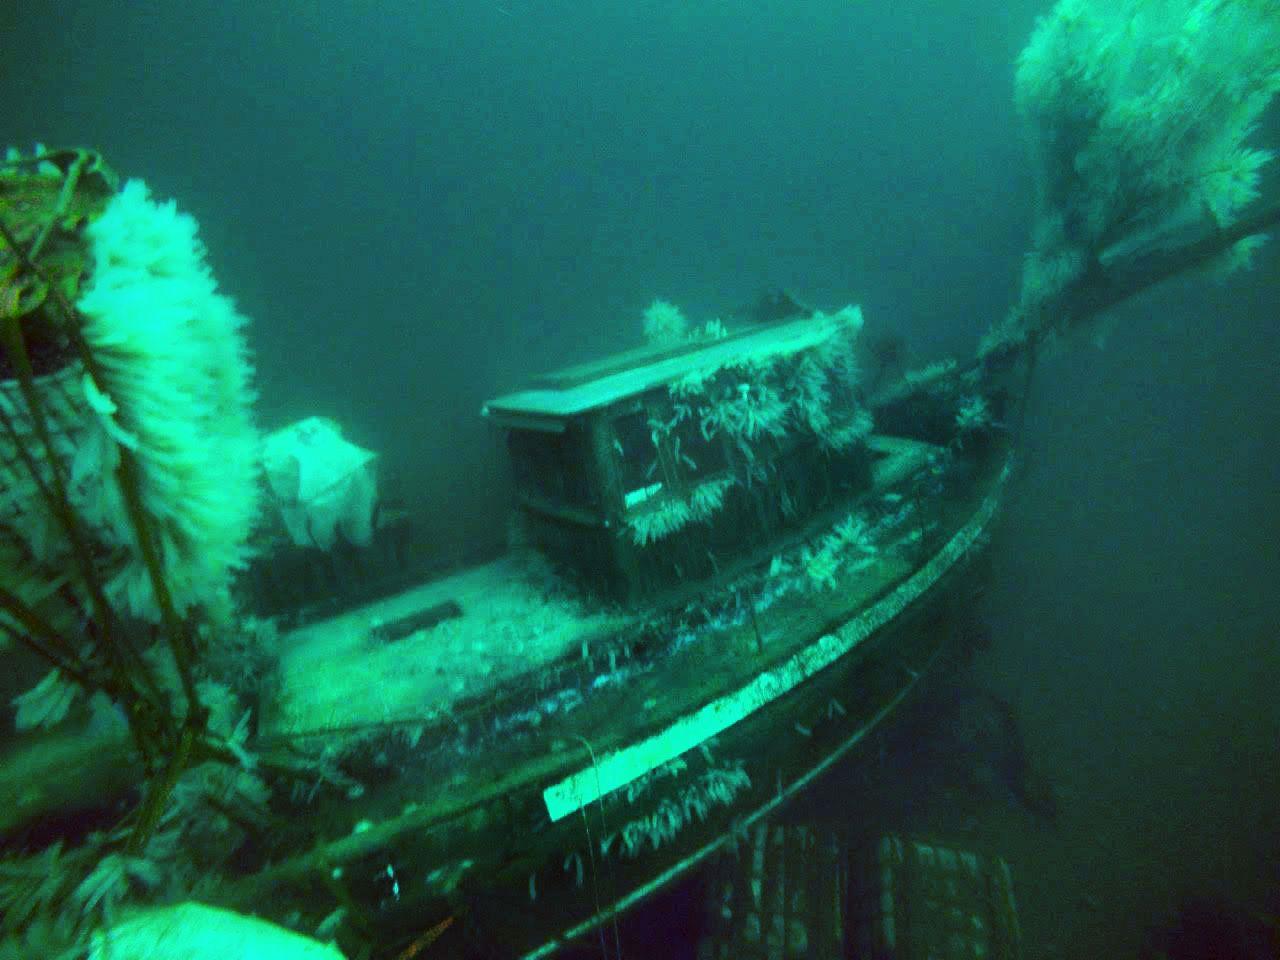 NYE BILDER: Her er det siste bildet en 2211-tipser har tatt fra havbunnen utenfor Norheimsund. De siste fem årene har «Con Amore» vært i Joar Førdes eie. Han er også kjent som kompanjongen til Lothepus i Fjorden Cowboys.